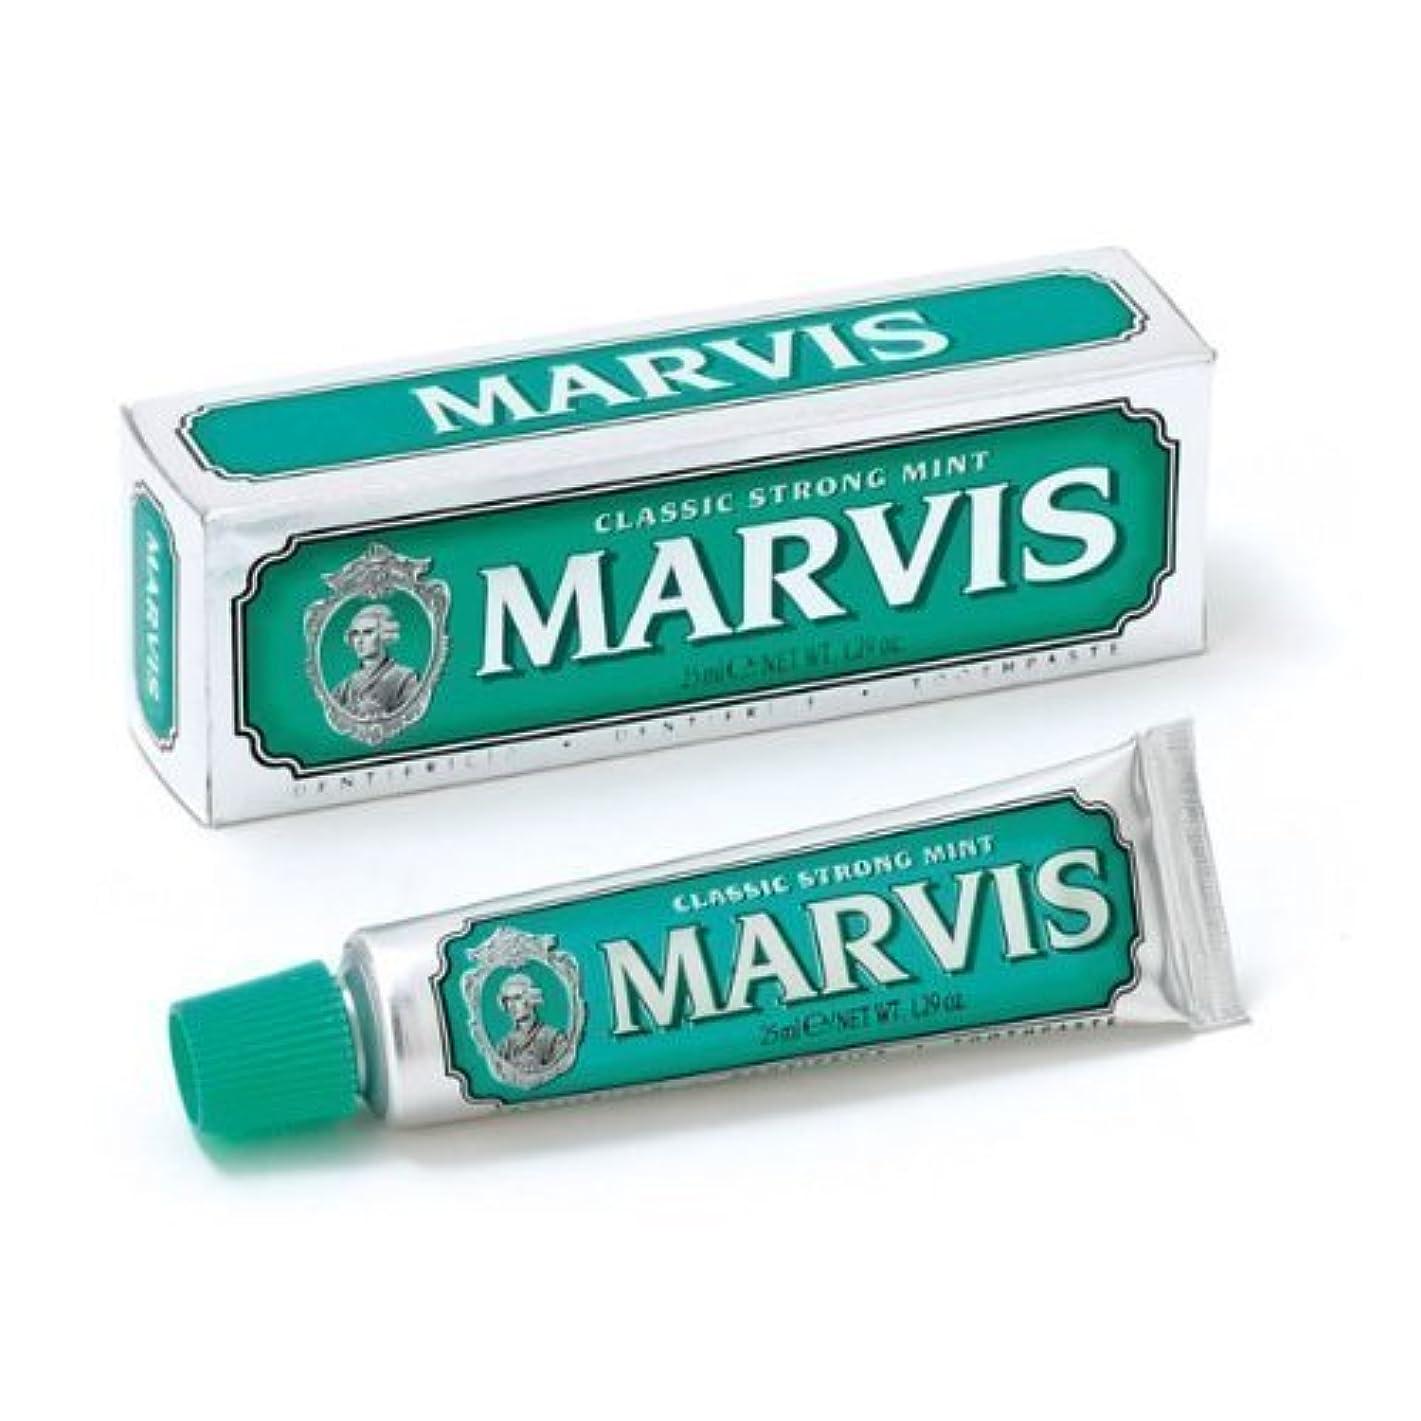 決定するイースター荒らすMarvis Toothpaste - Classic Strong Mint 25ml Travel Size - 4 PACK by Marvis [並行輸入品]